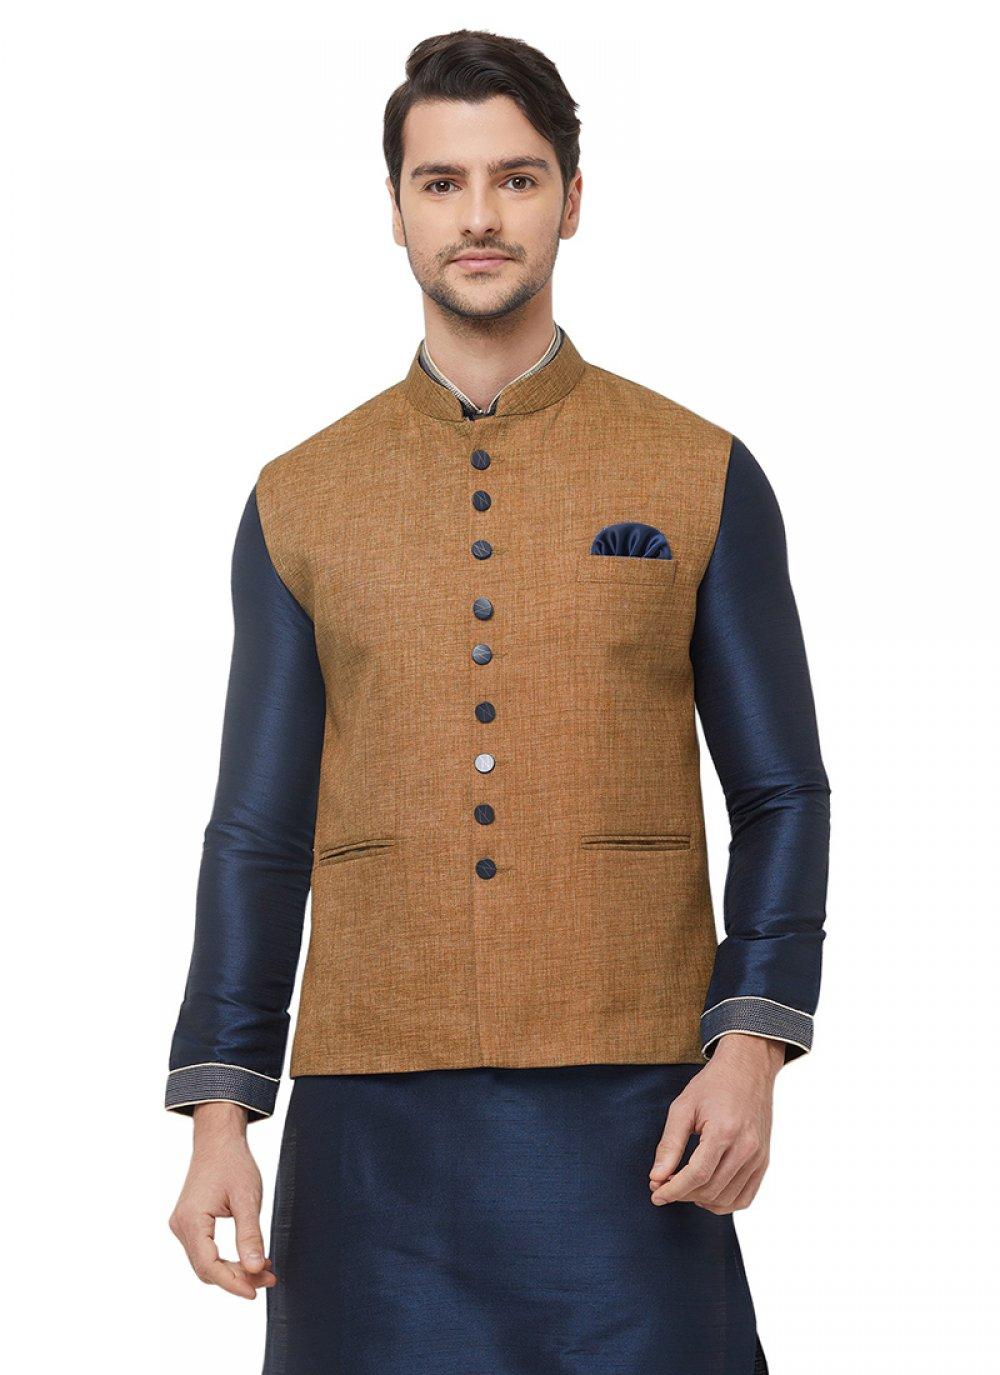 Jute Plain Nehru Jackets in Brown